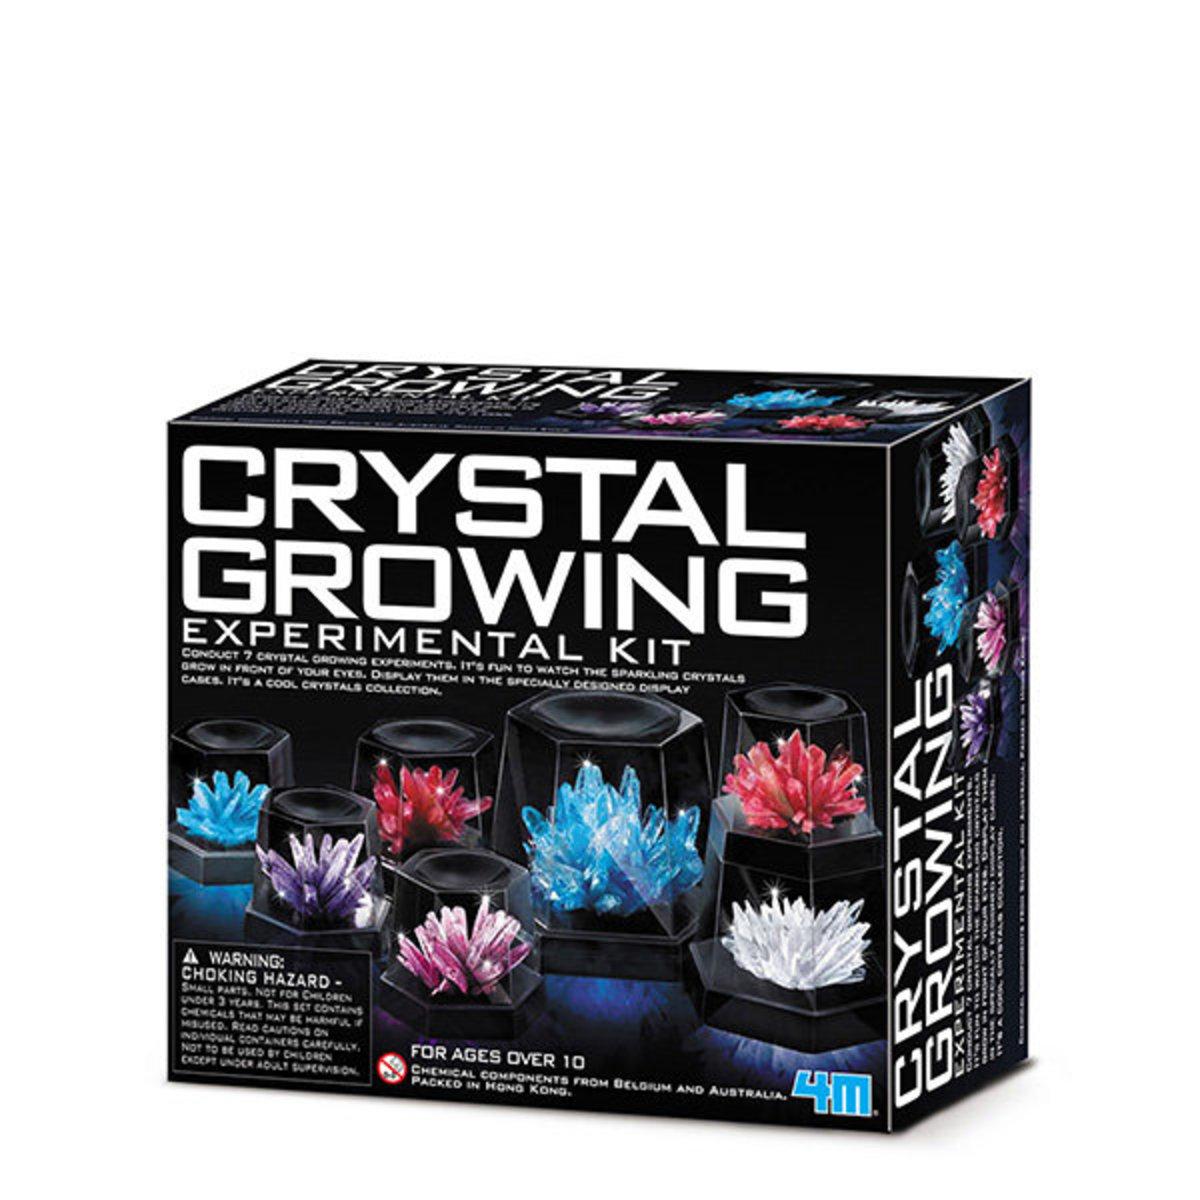 晶石種植大盒美國版STEM教育玩具